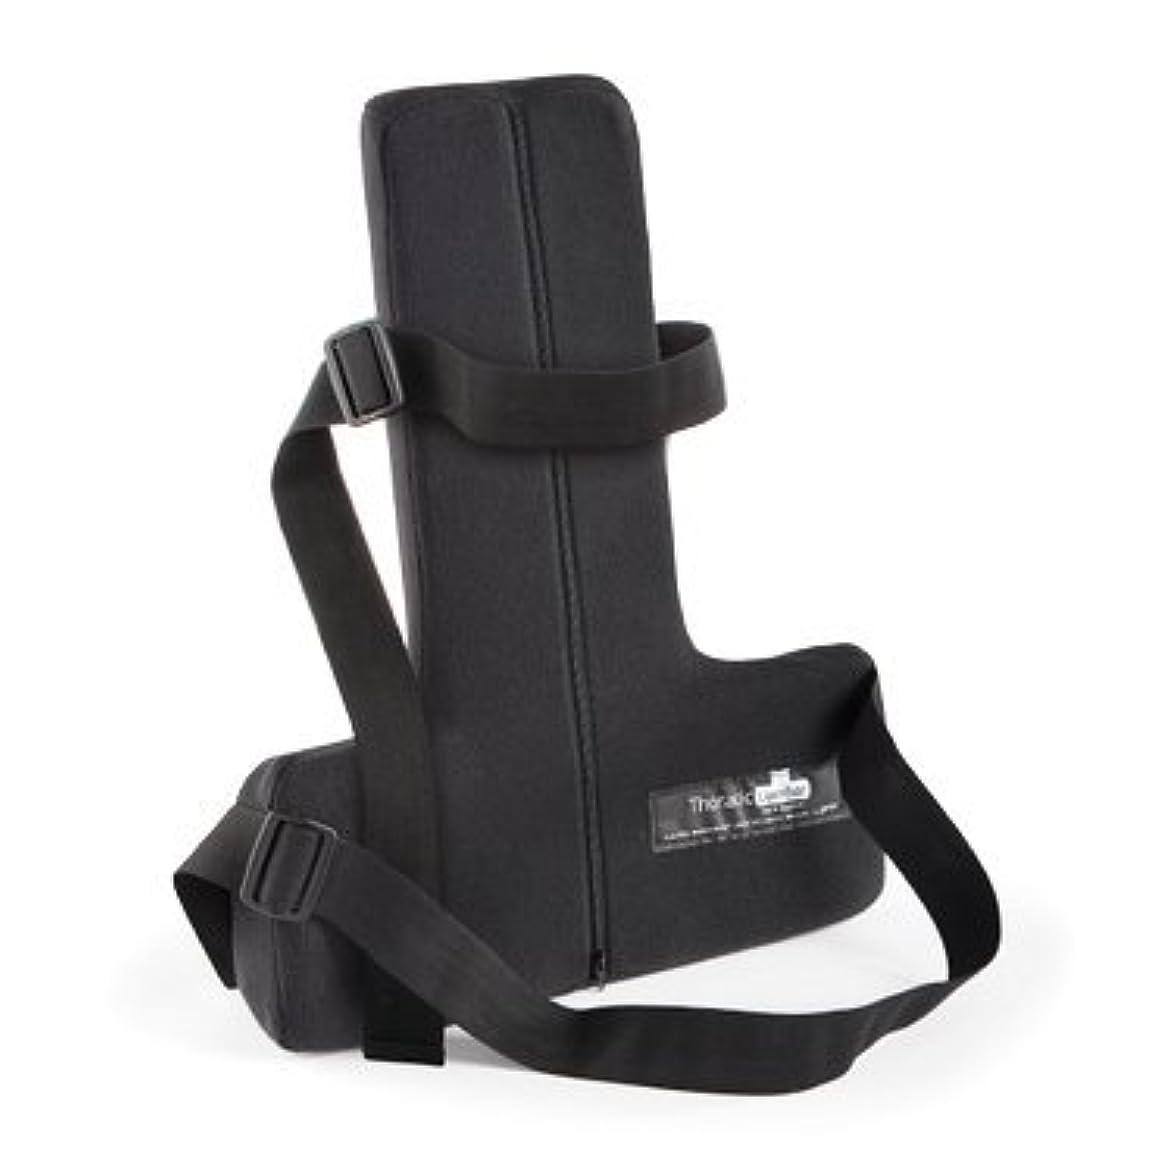 スライム勘違いする重要な役割を果たす、中心的な手段となるオーピーティー 自宅 車内 オフィス 椅子腰椎サポート 正しい姿勢で背中 肩 首への負担を減らすクッション